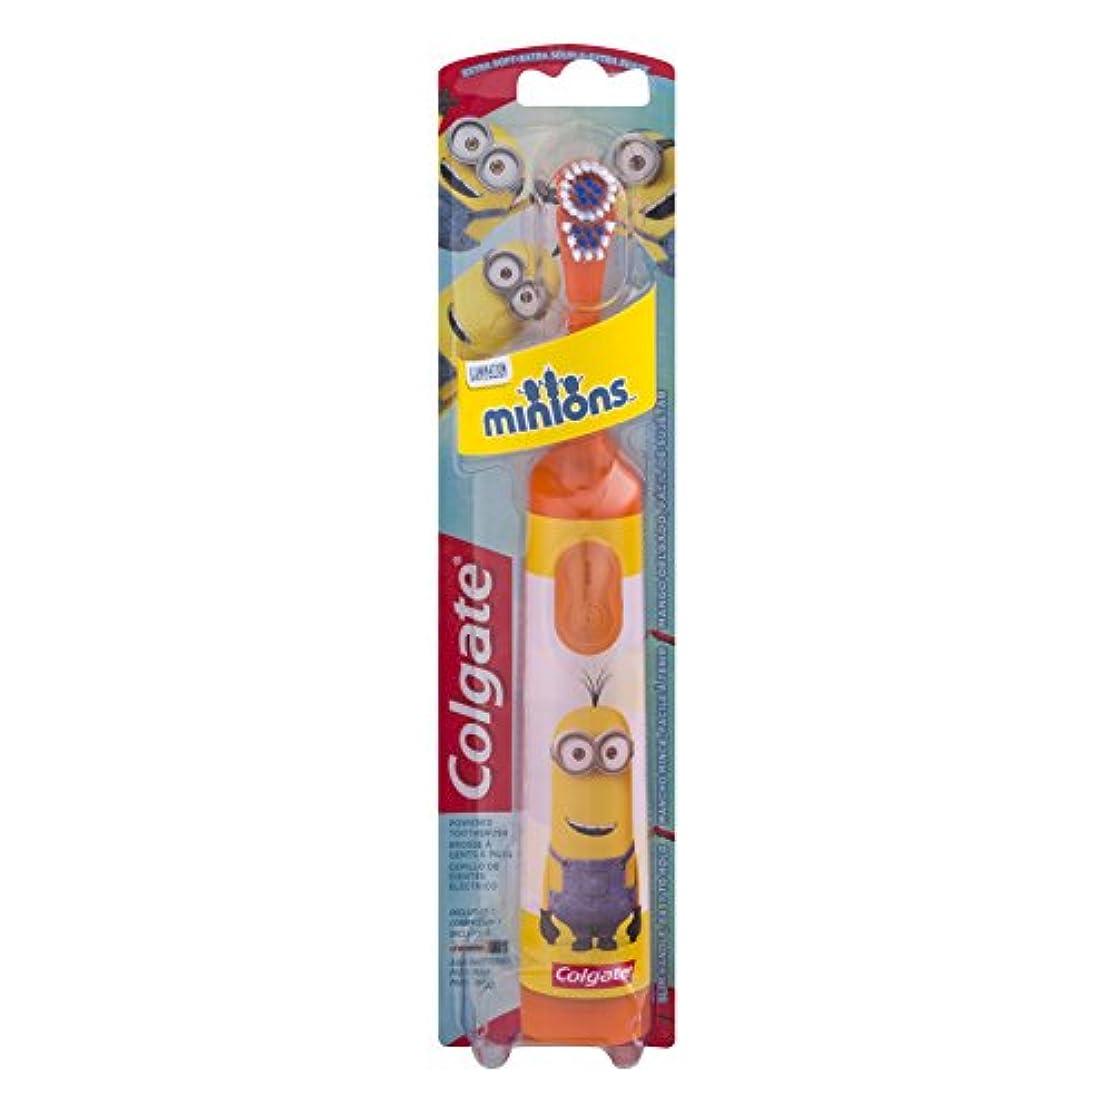 フラグラント消費者火星Colgate キッズ手下バッテリ駆動歯ブラシ - 1CT - 色やデザインは変更になる場合があります